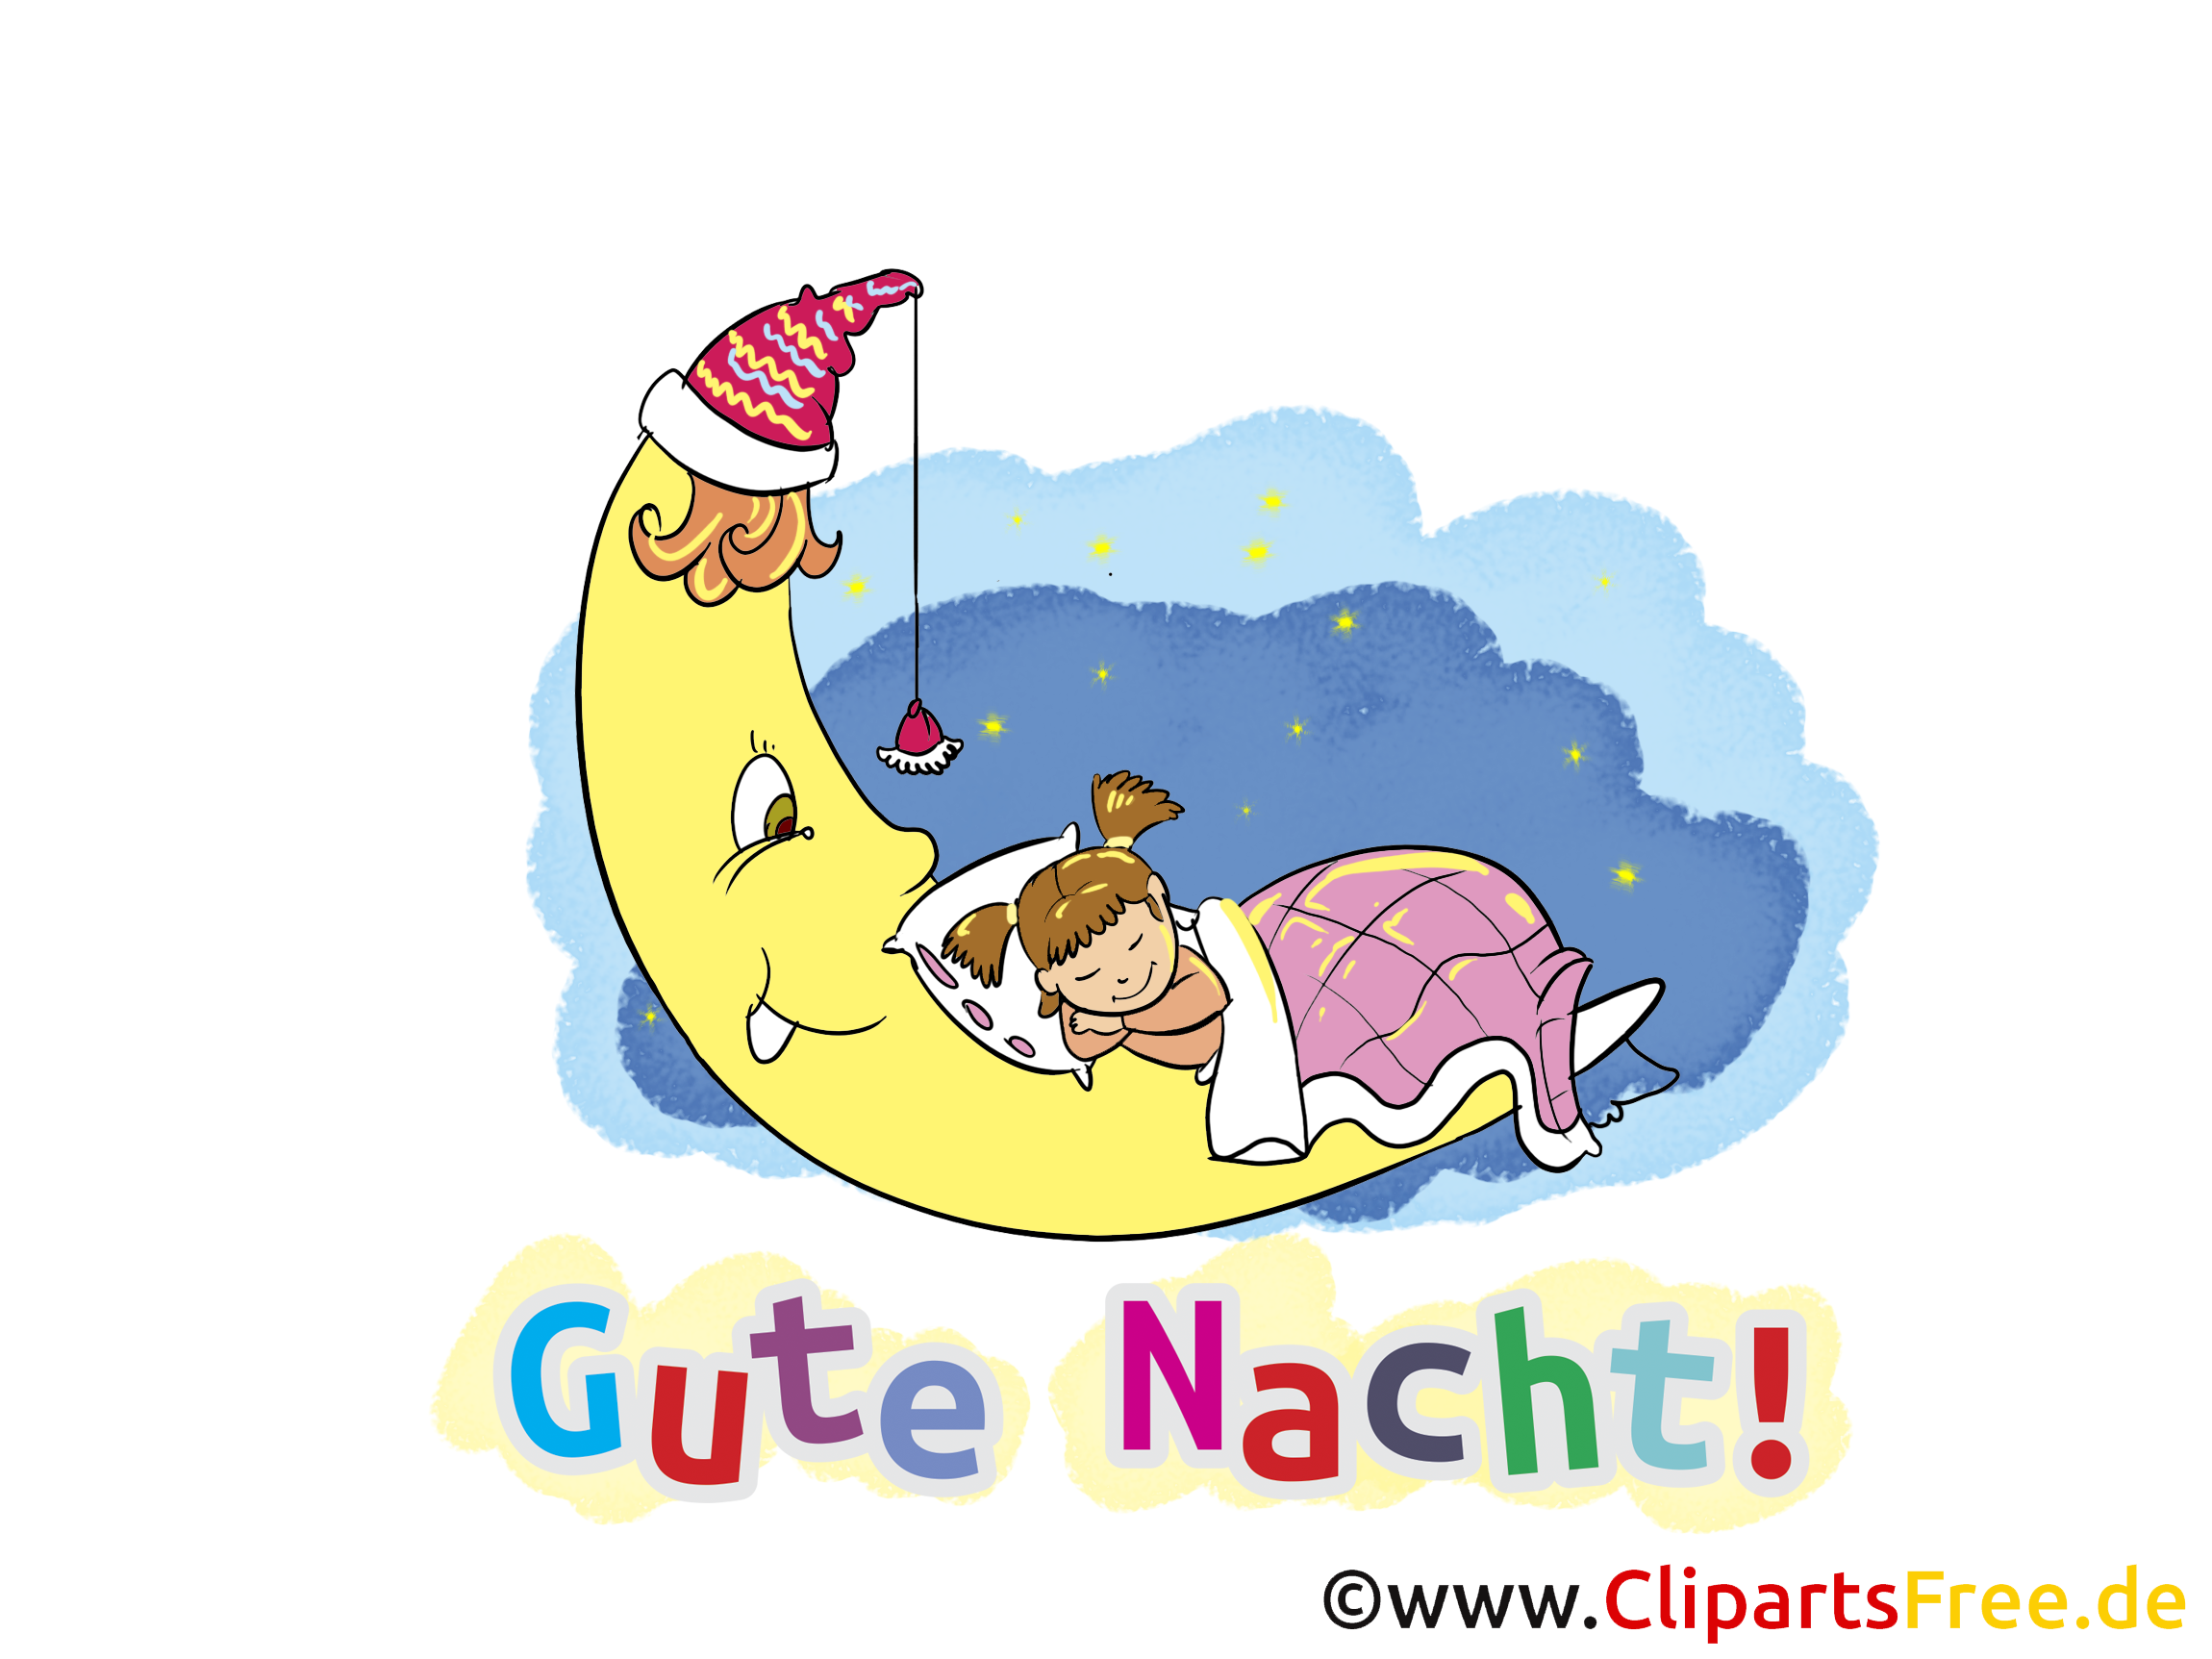 Gute nacht clipart clipart black and white download Gute Nacht Wünsche zum Versenden clipart black and white download